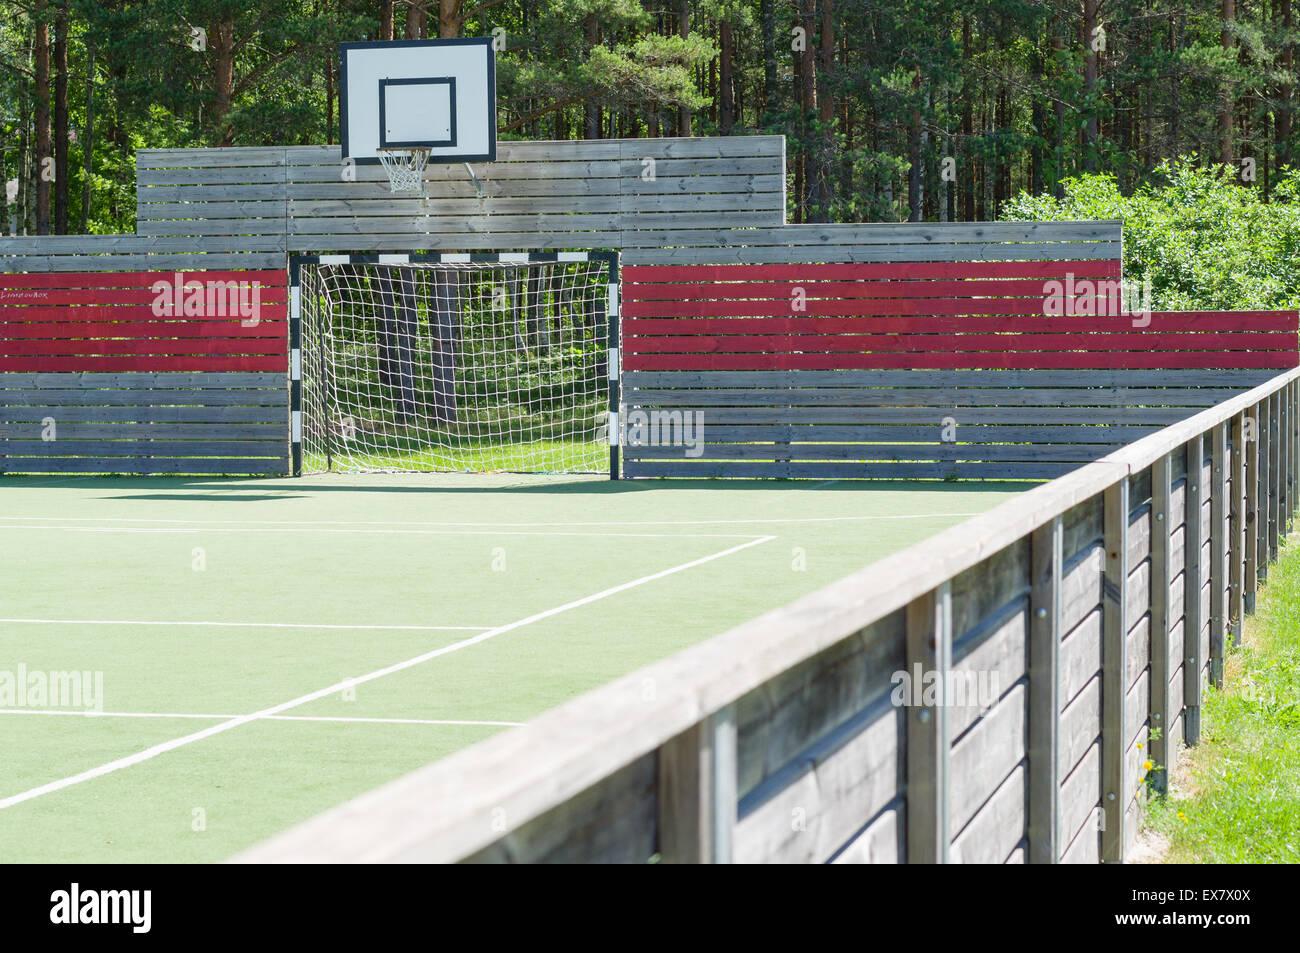 Fußball Tor und Basketball Hoop auf universal Outdoor Spielplatz